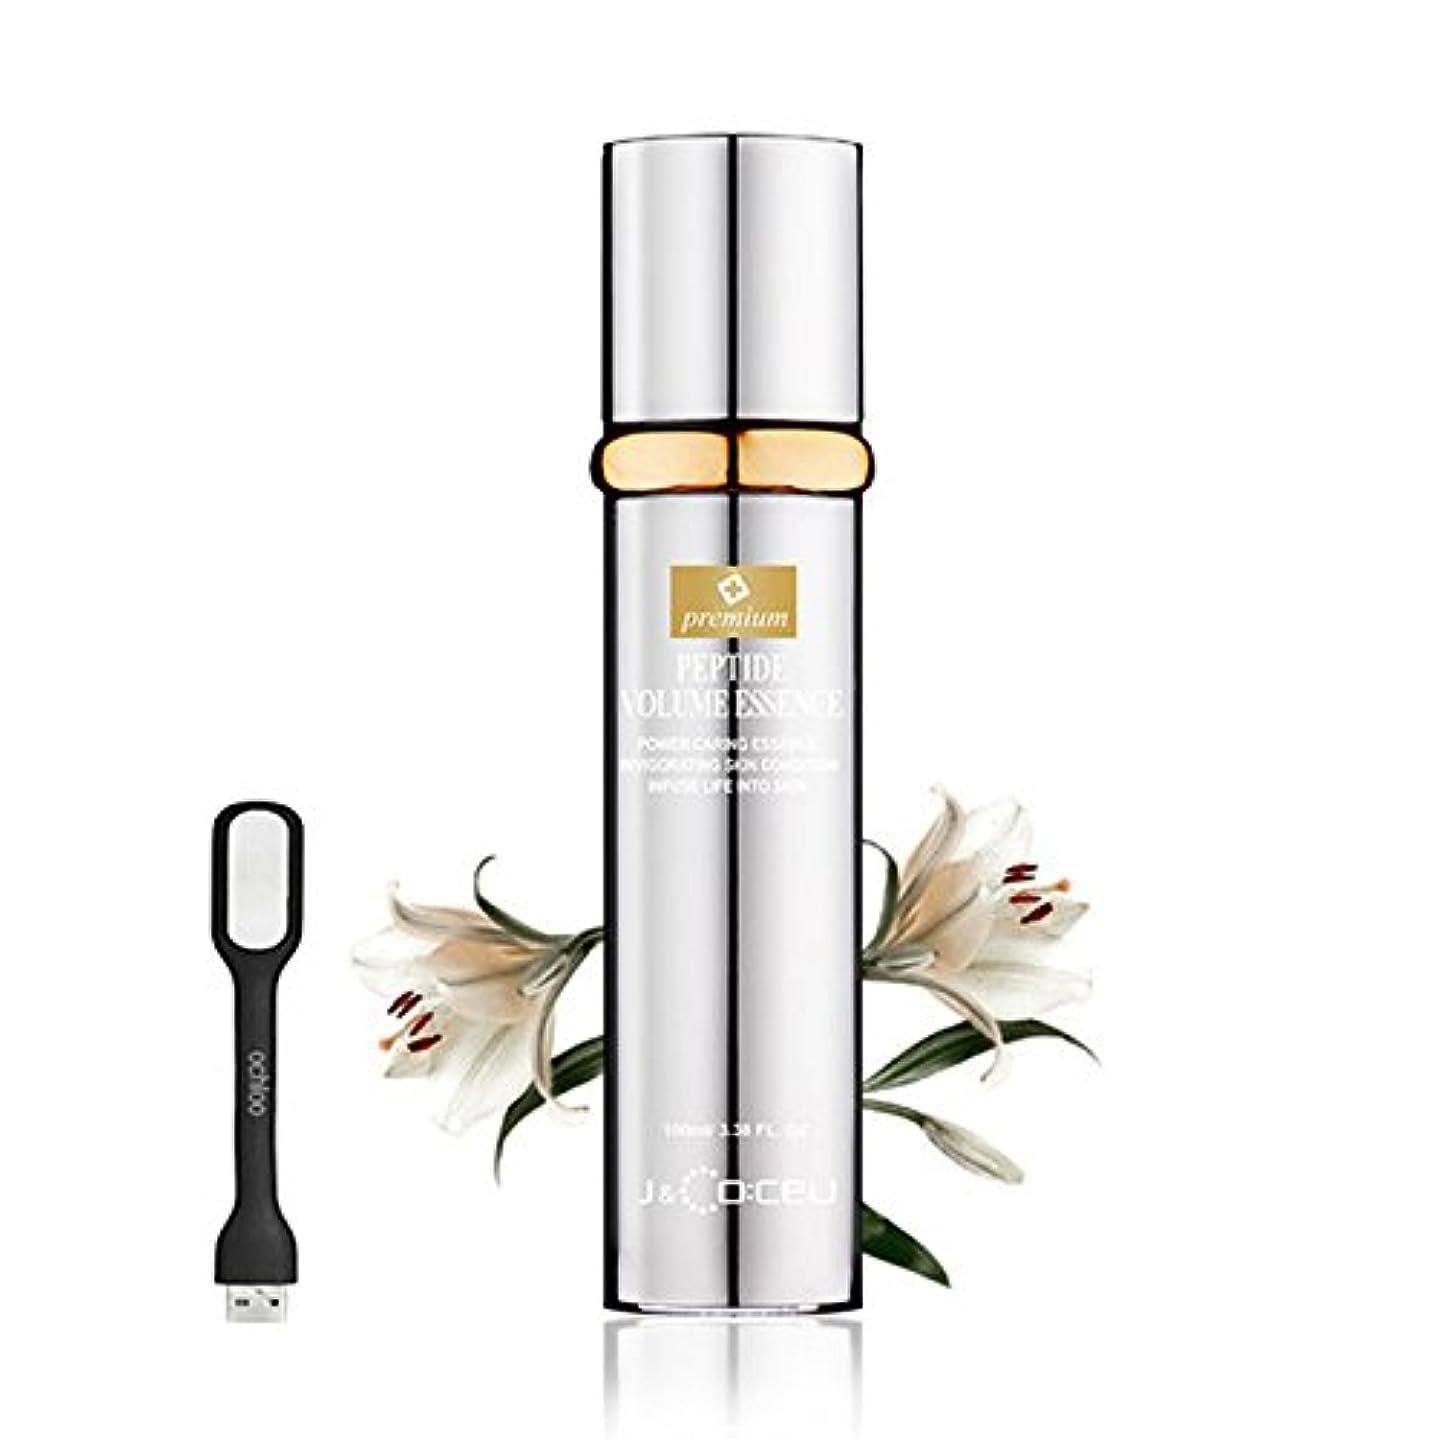 転用感嘆符無駄にPremium Peptide Volume Essence 100ml: Upgraded Cosmetic Botox Anti-Wrinkle Essence All in One Wrinkle-care Firming...